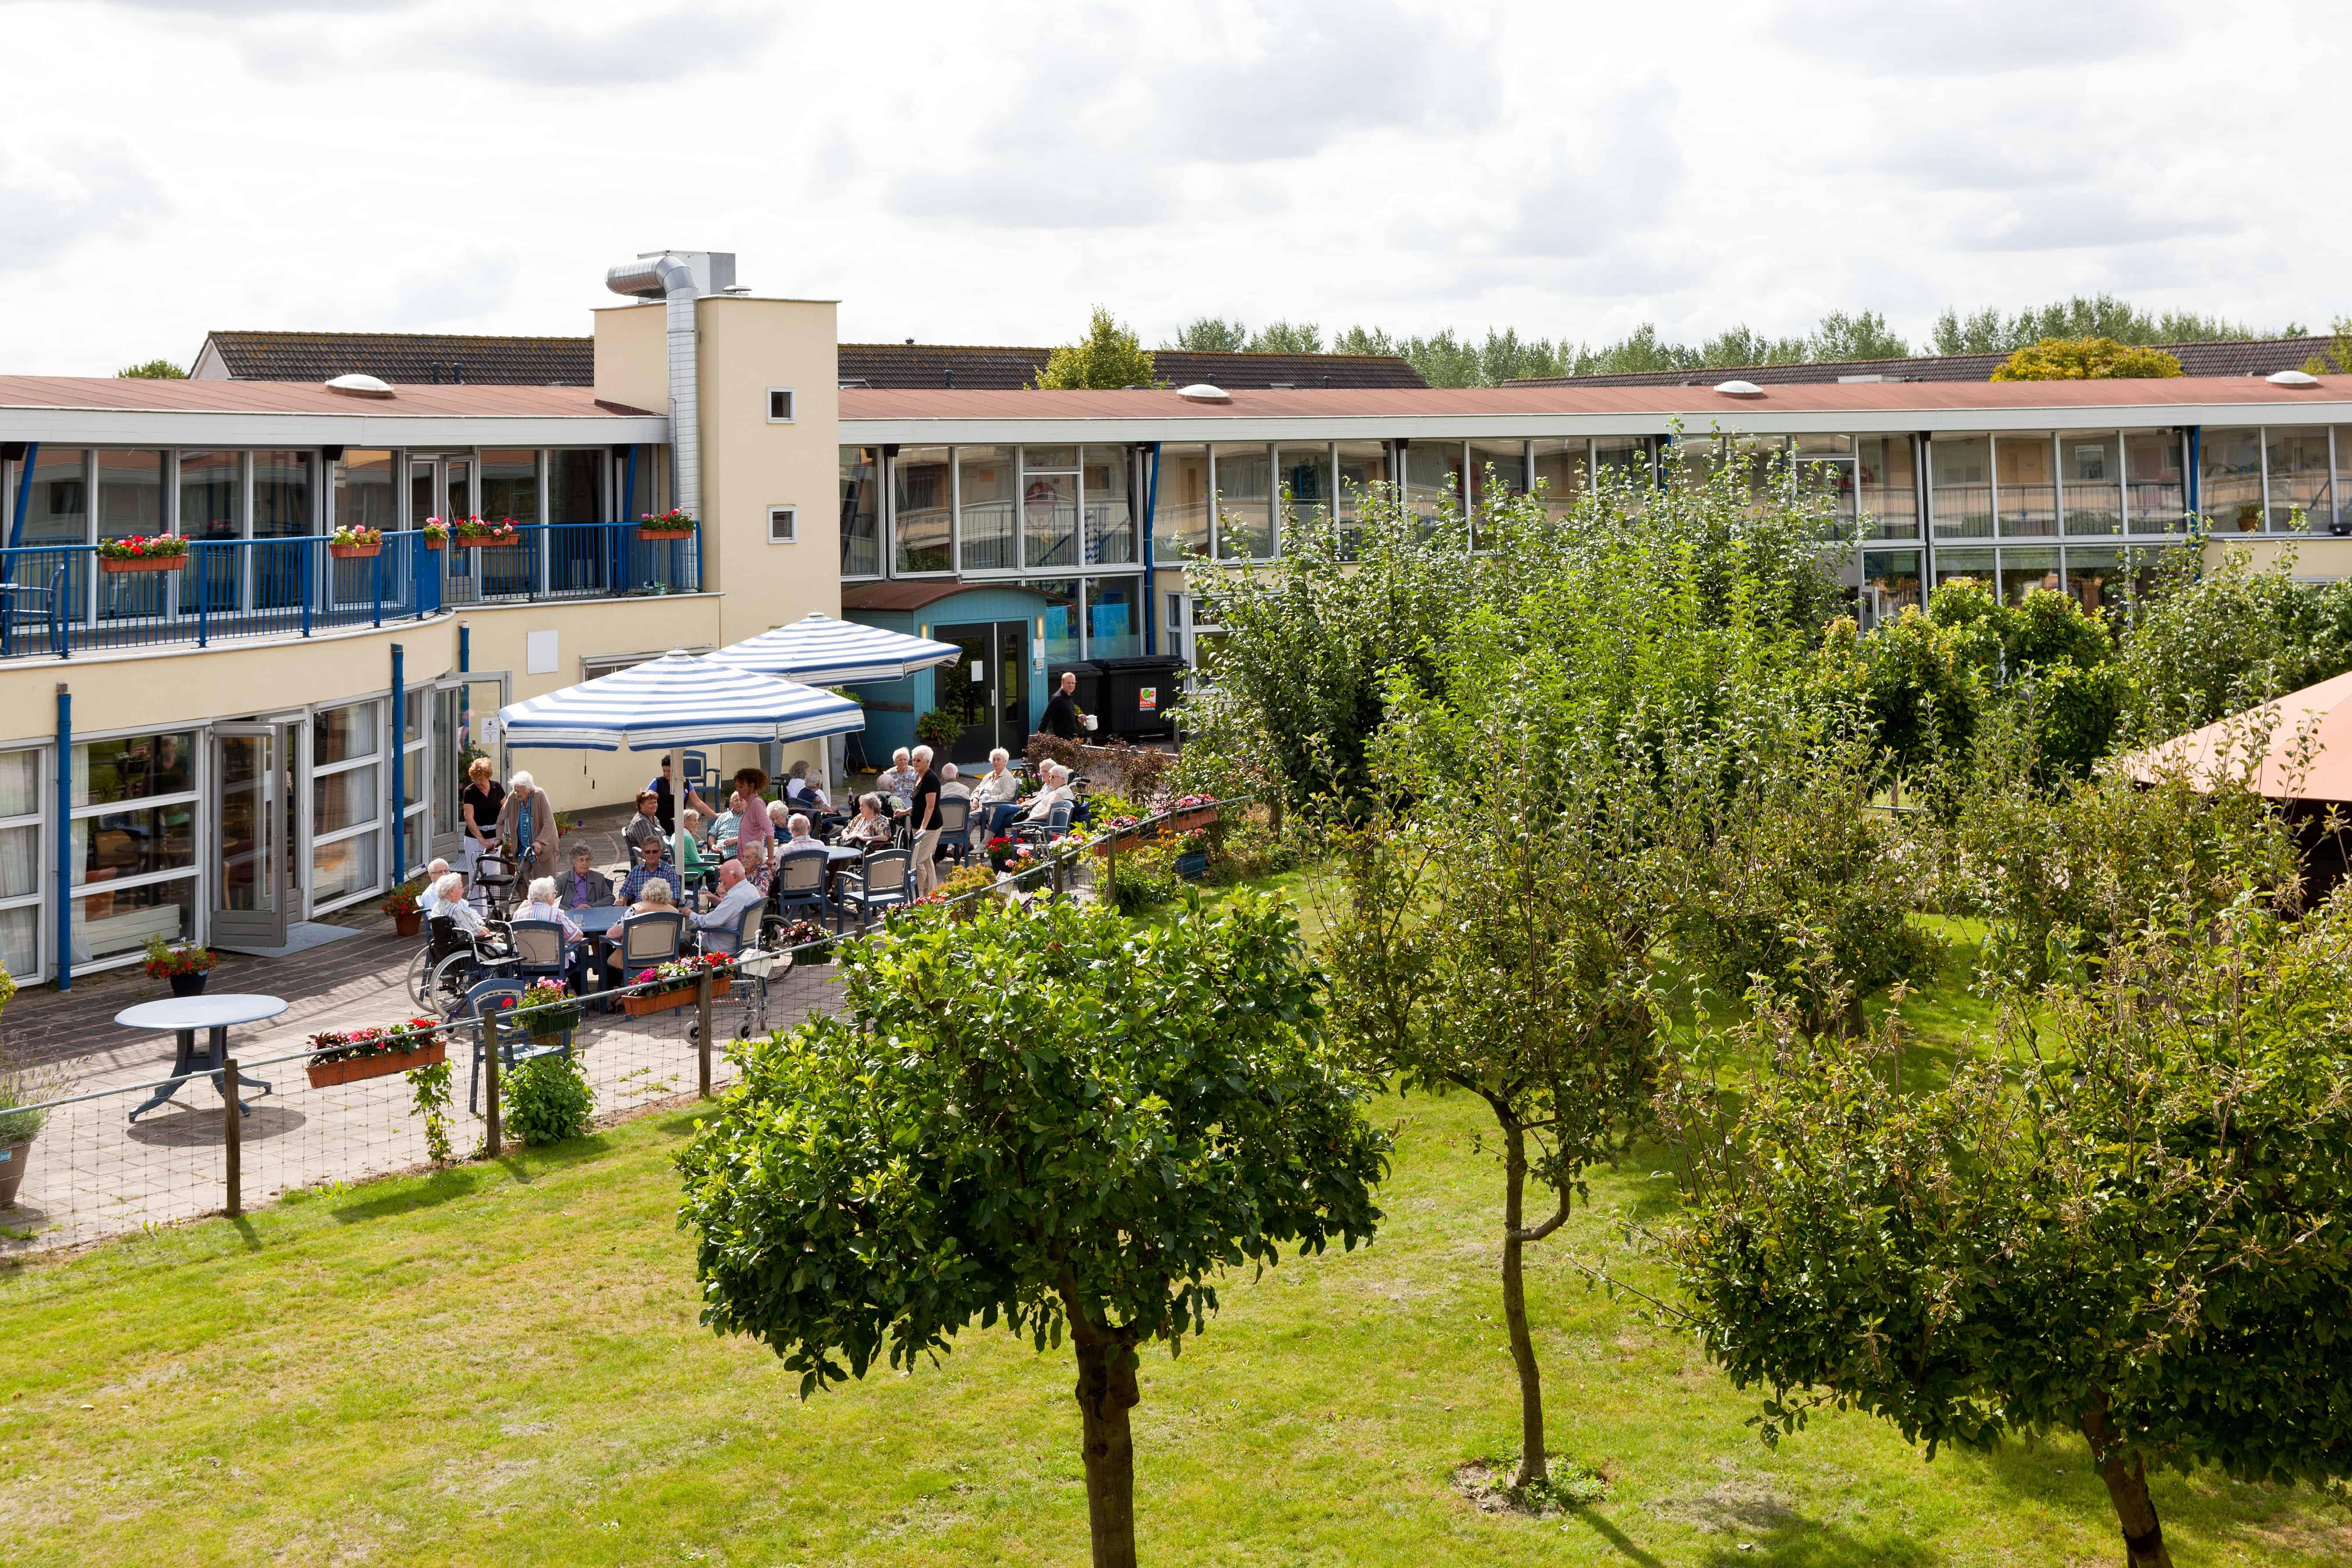 Woonzorgcentrum De Toonladder